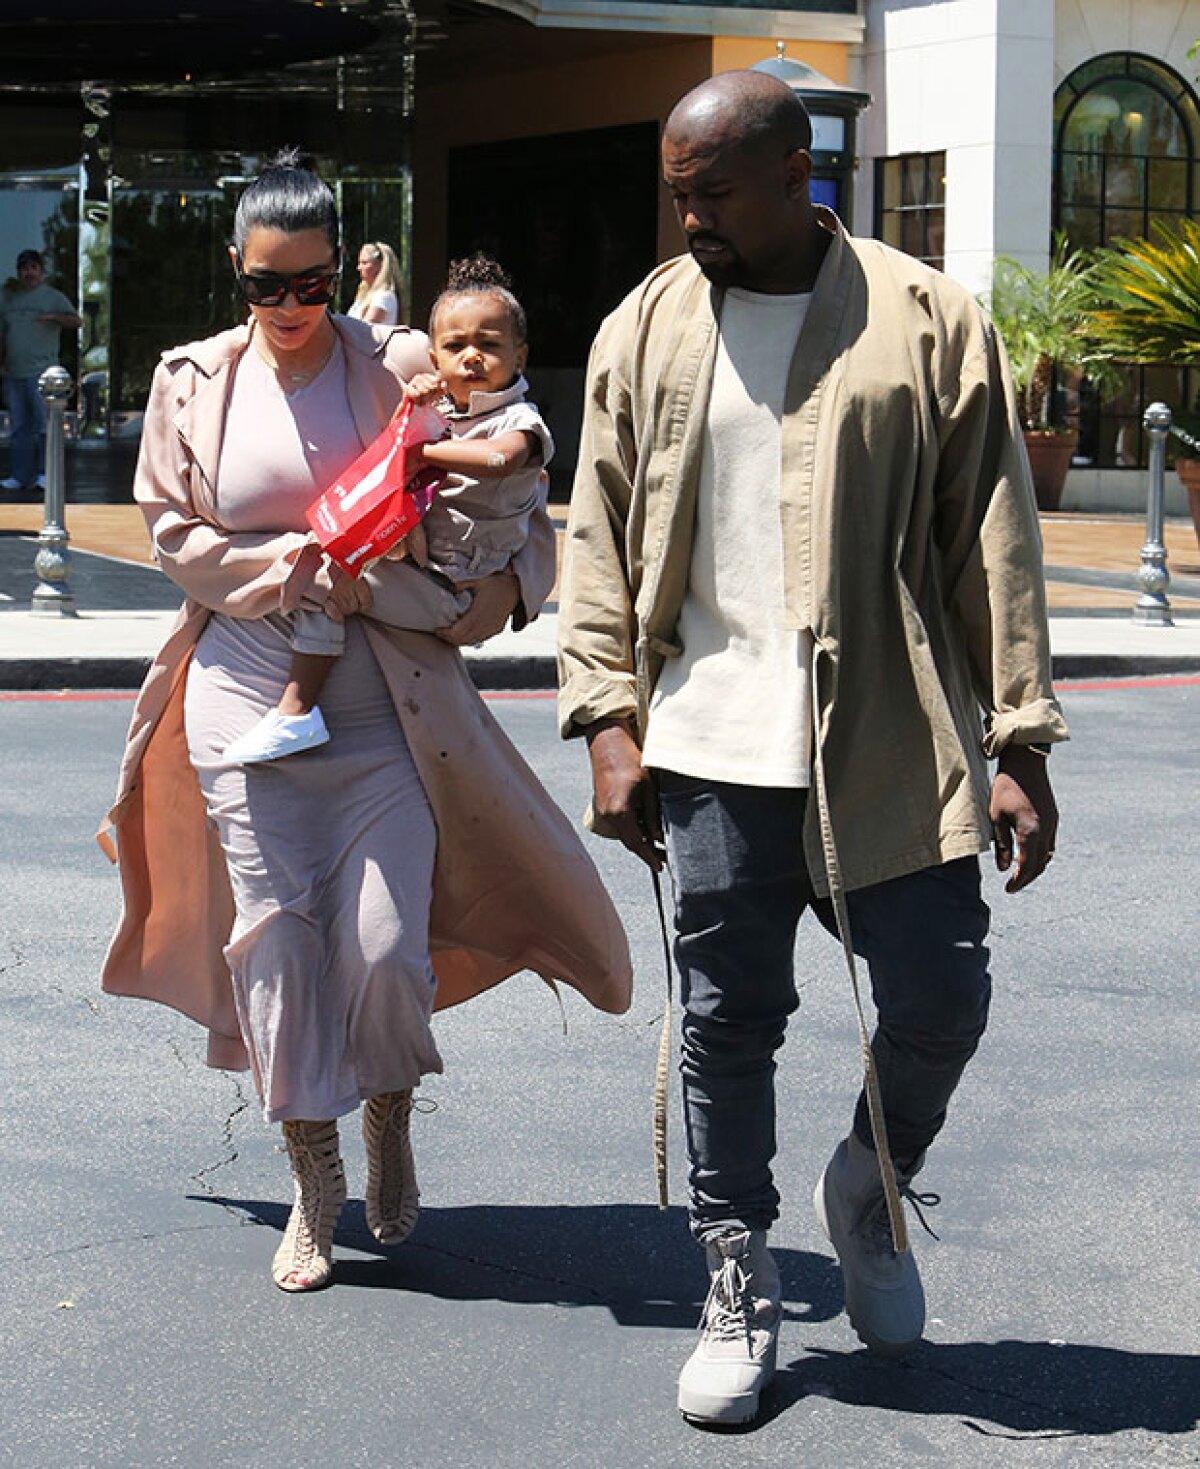 North usa abrigo de Kim de 4 mil 500 dólares como servilleta